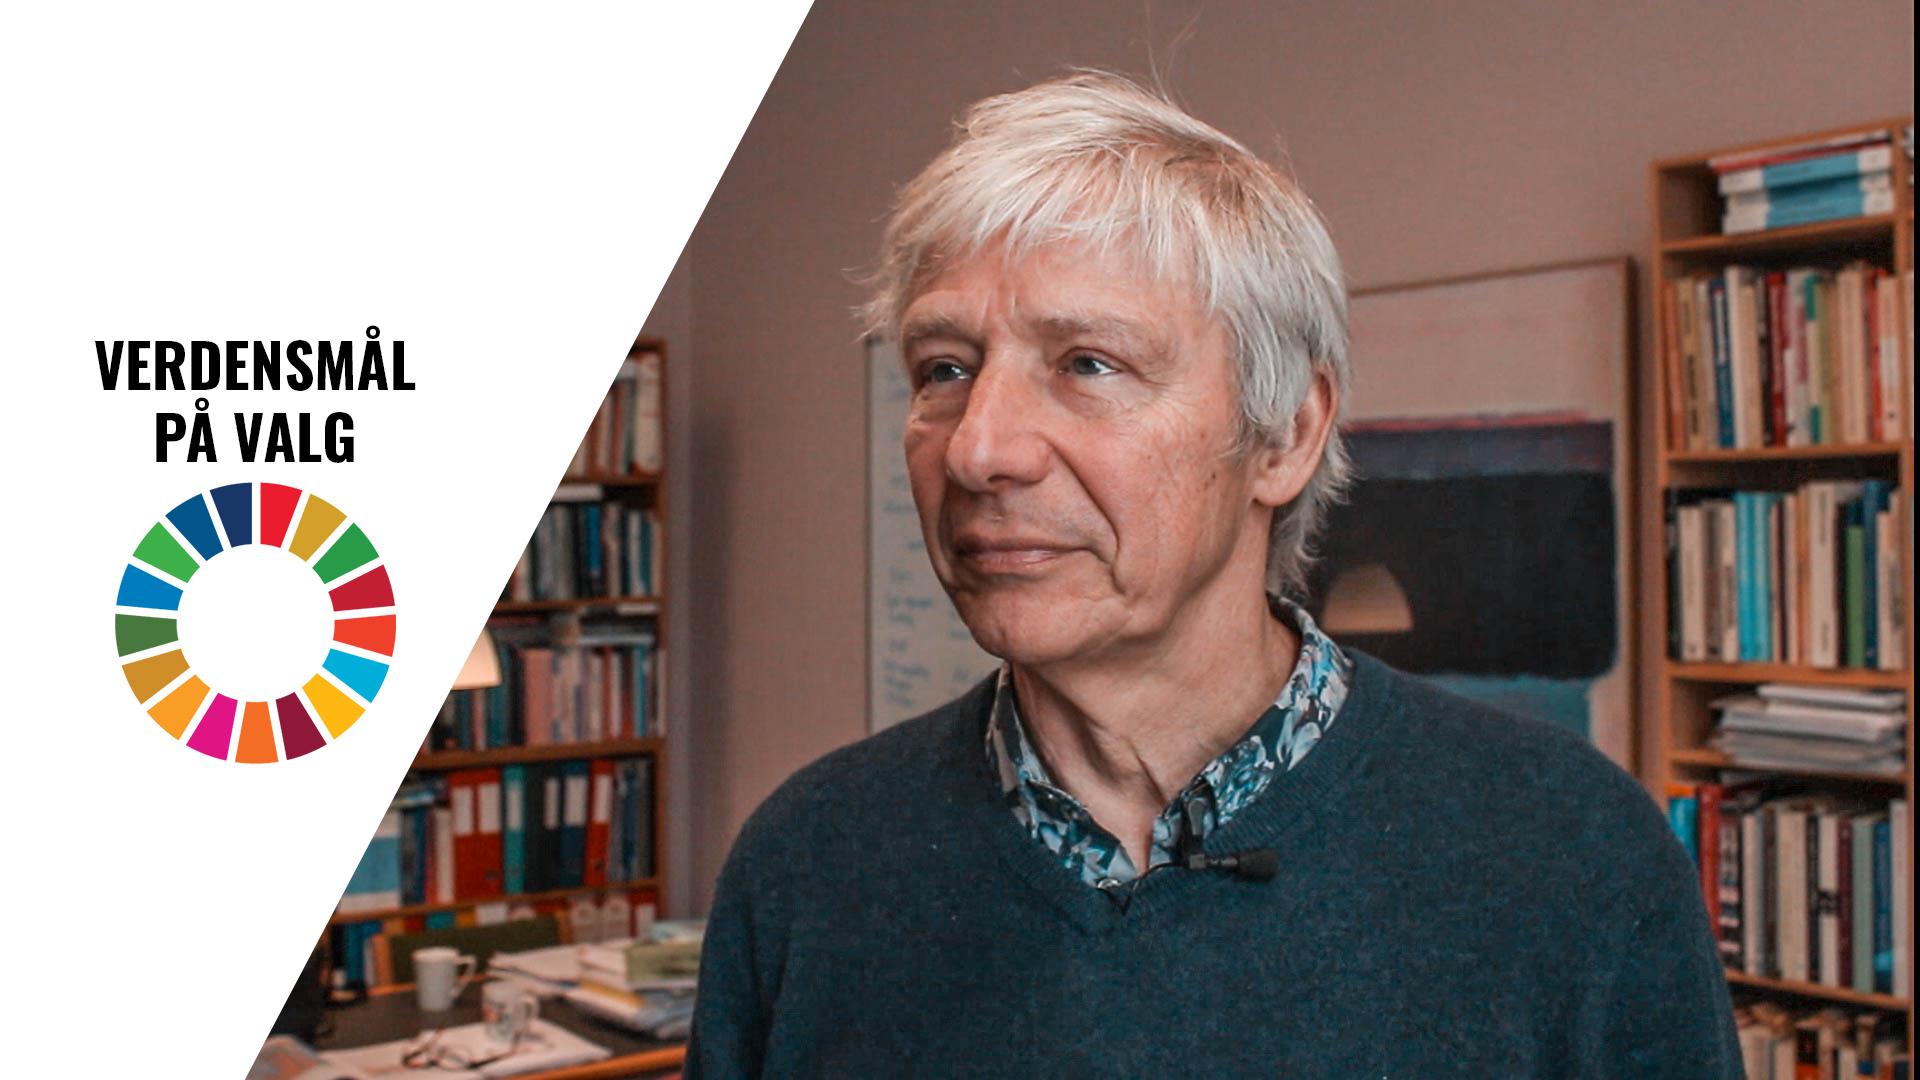 Professor Jens Villiam Hoff fra Københavns Universitet mener, at klimaet bliver en central del af valgkampen. Foto: Lauge Eilsøe-Madsen